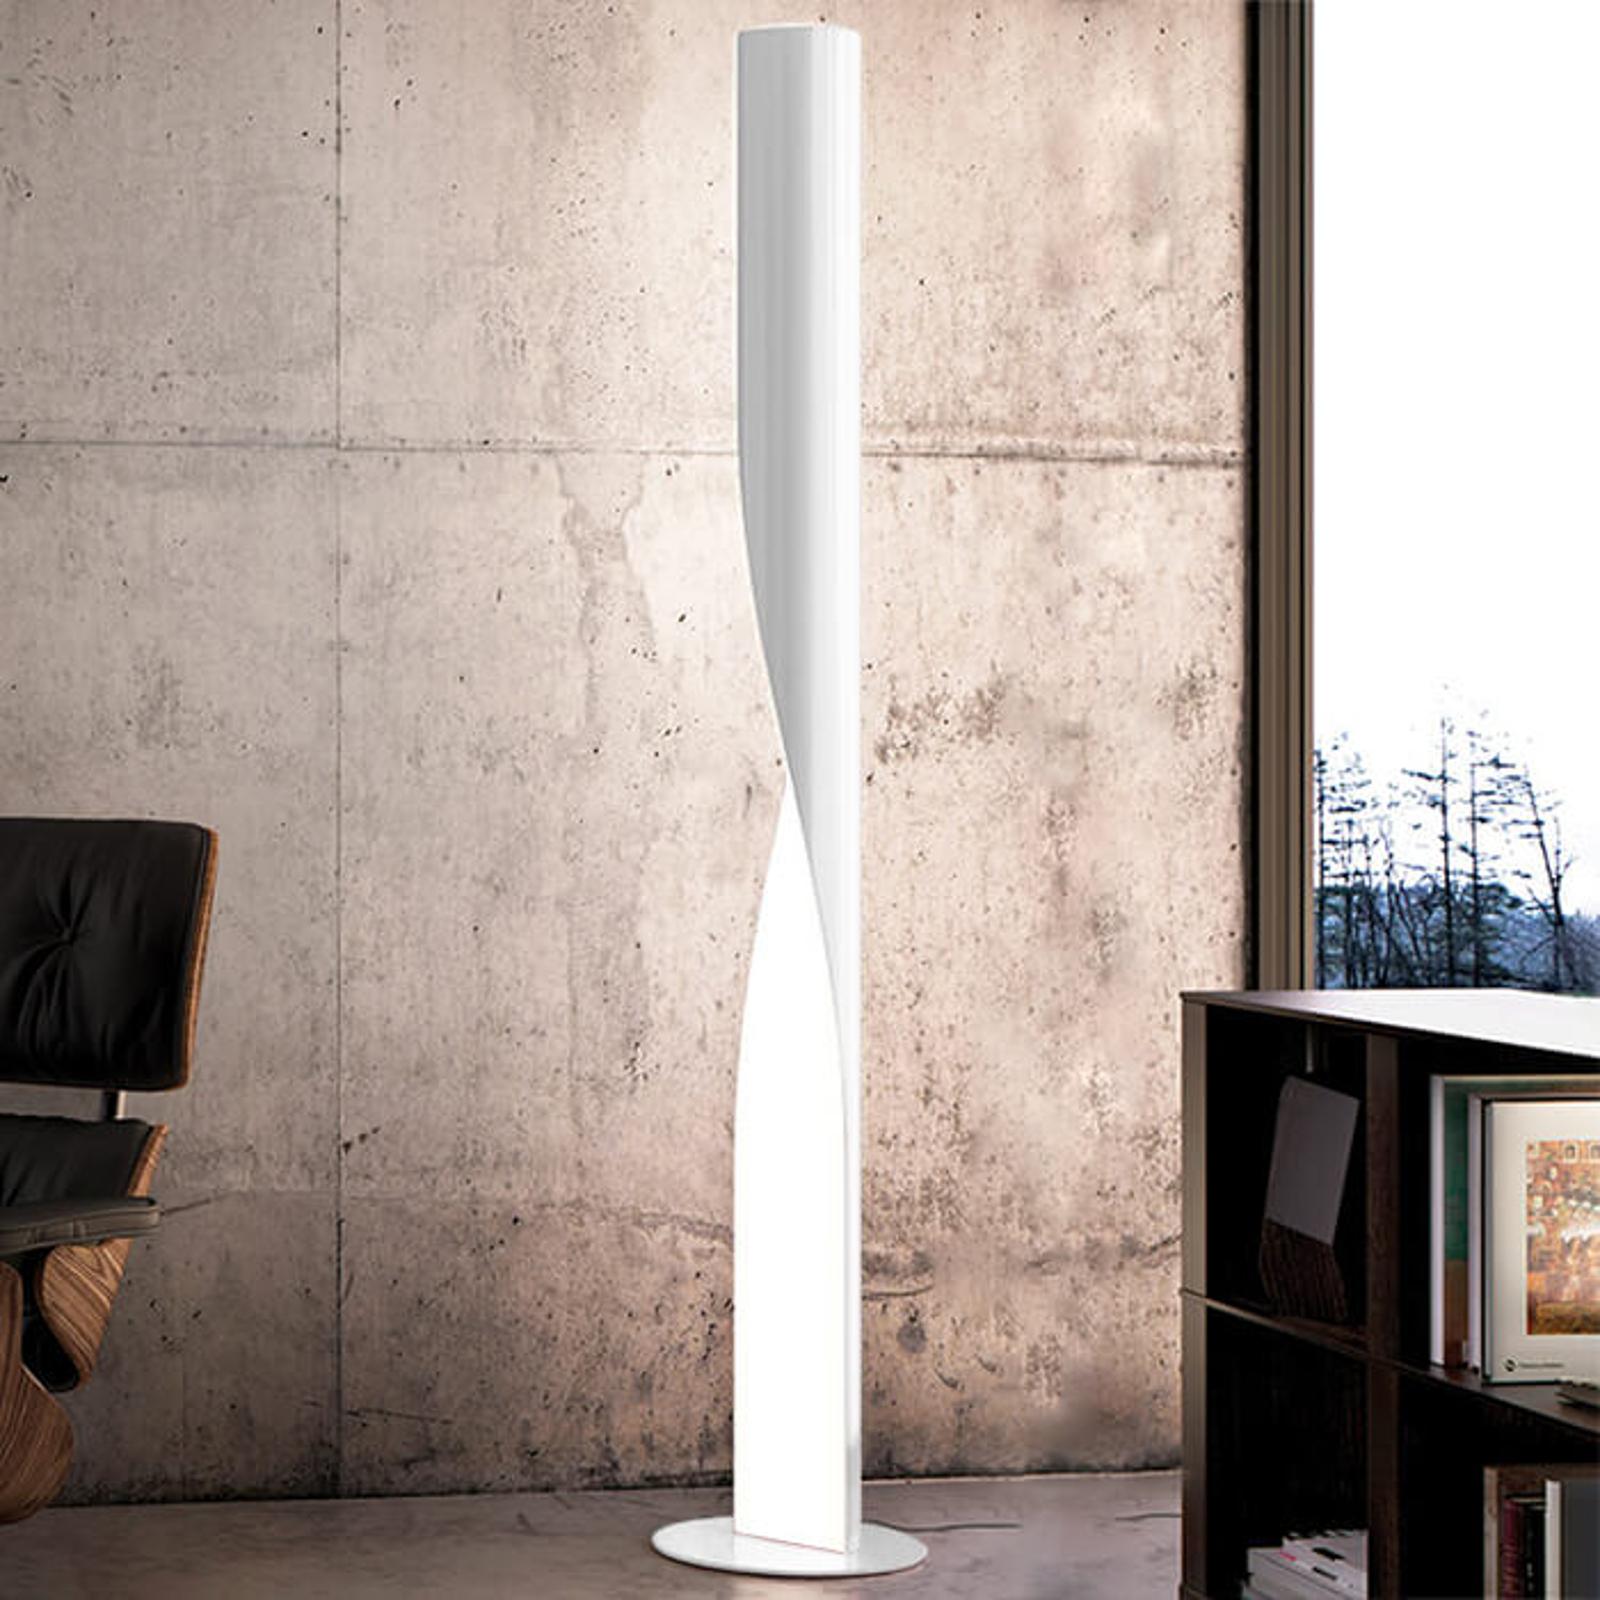 Lampa stojąca LED Evita, biała, piękny kształt